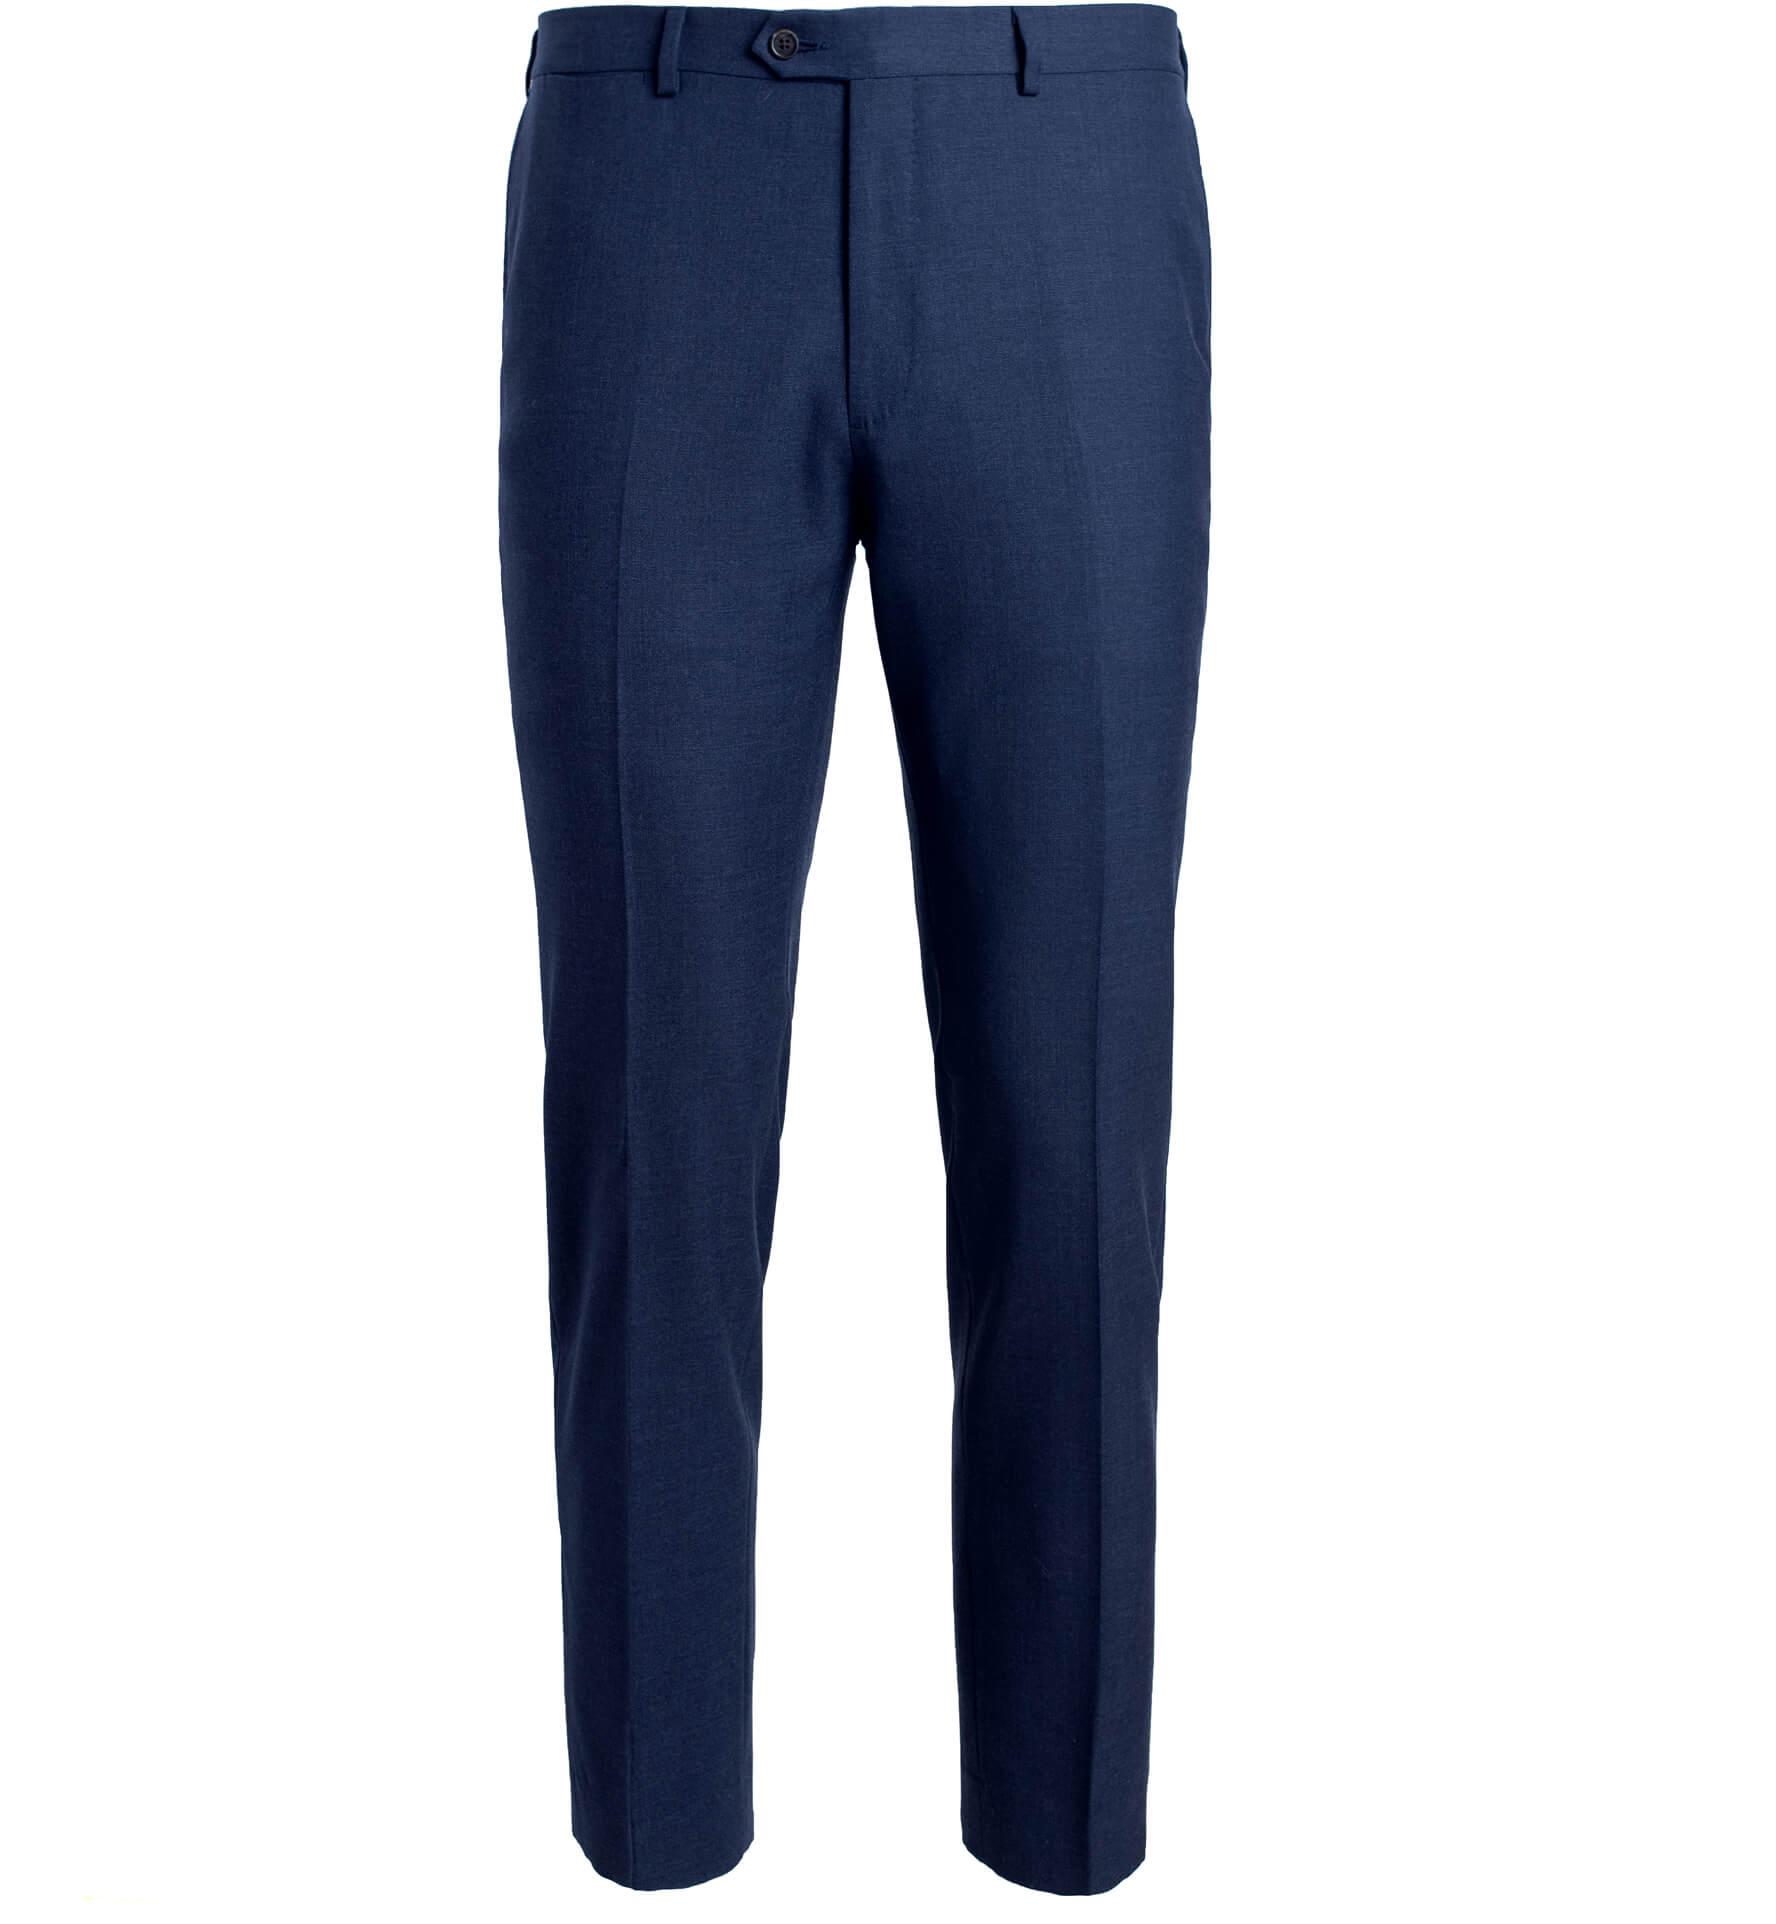 Zoom Image of Allen Navy Comfort Fresco Trouser